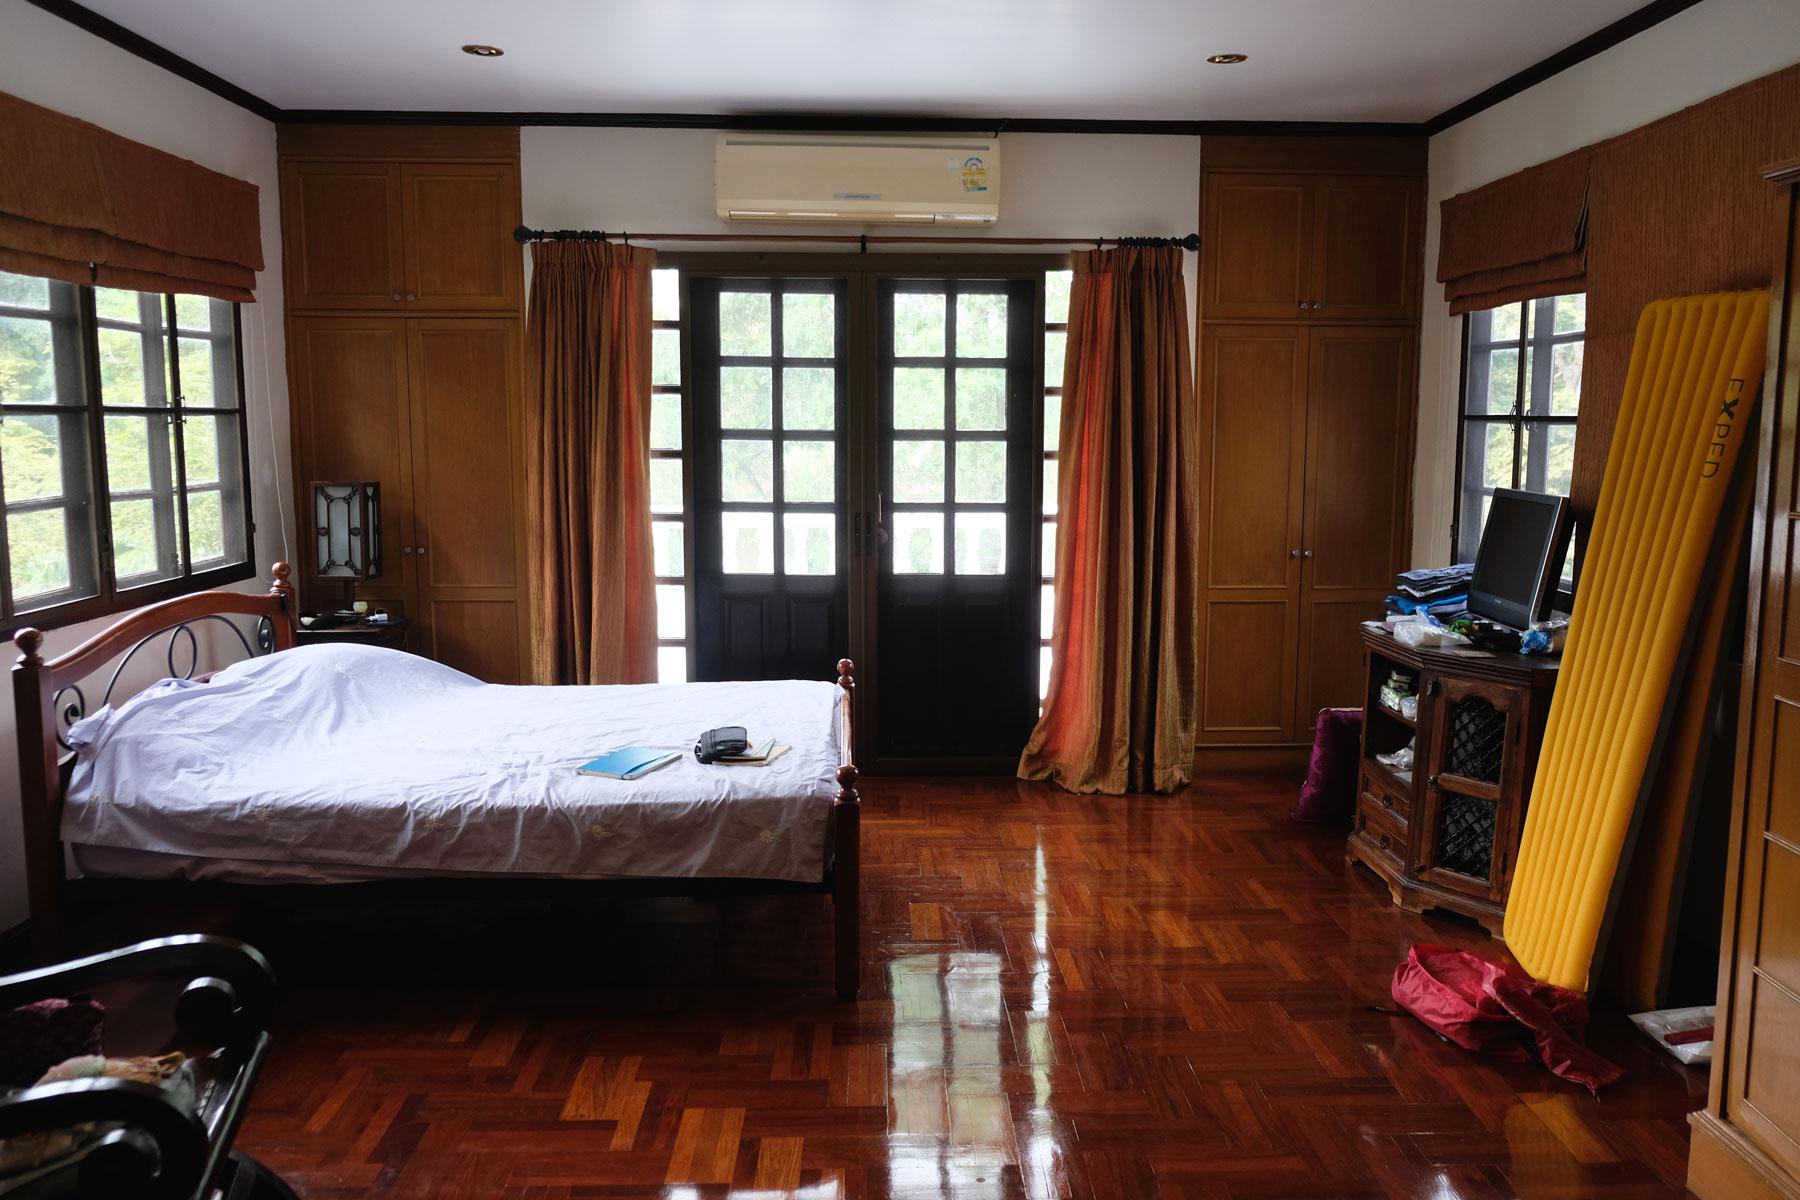 Unser Schlafzimmer in unserem house sitting Haus in Bangkok